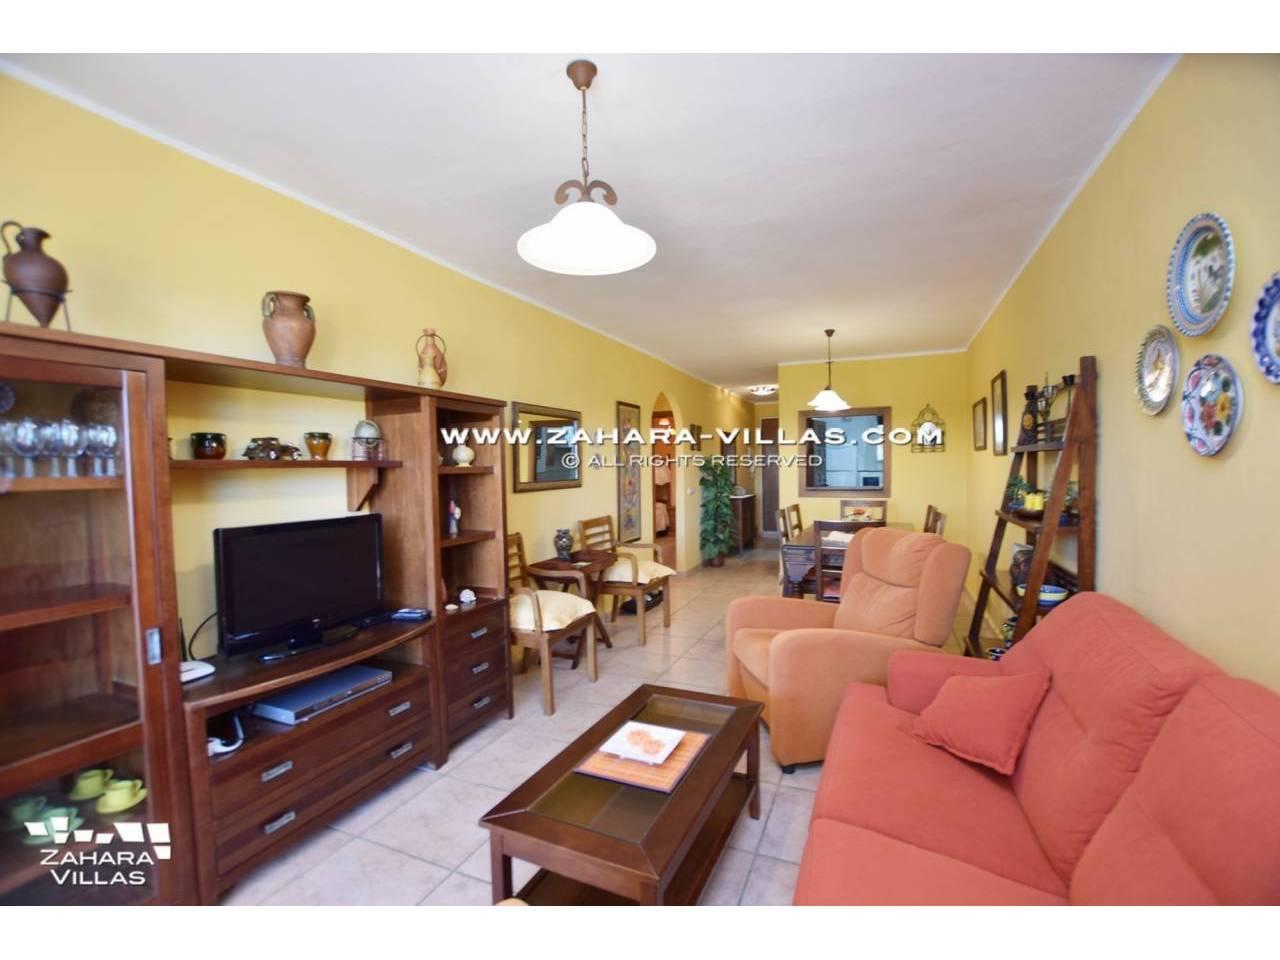 Imagen 5 de Apartamento en venta en urbanización Jardines de Zahara